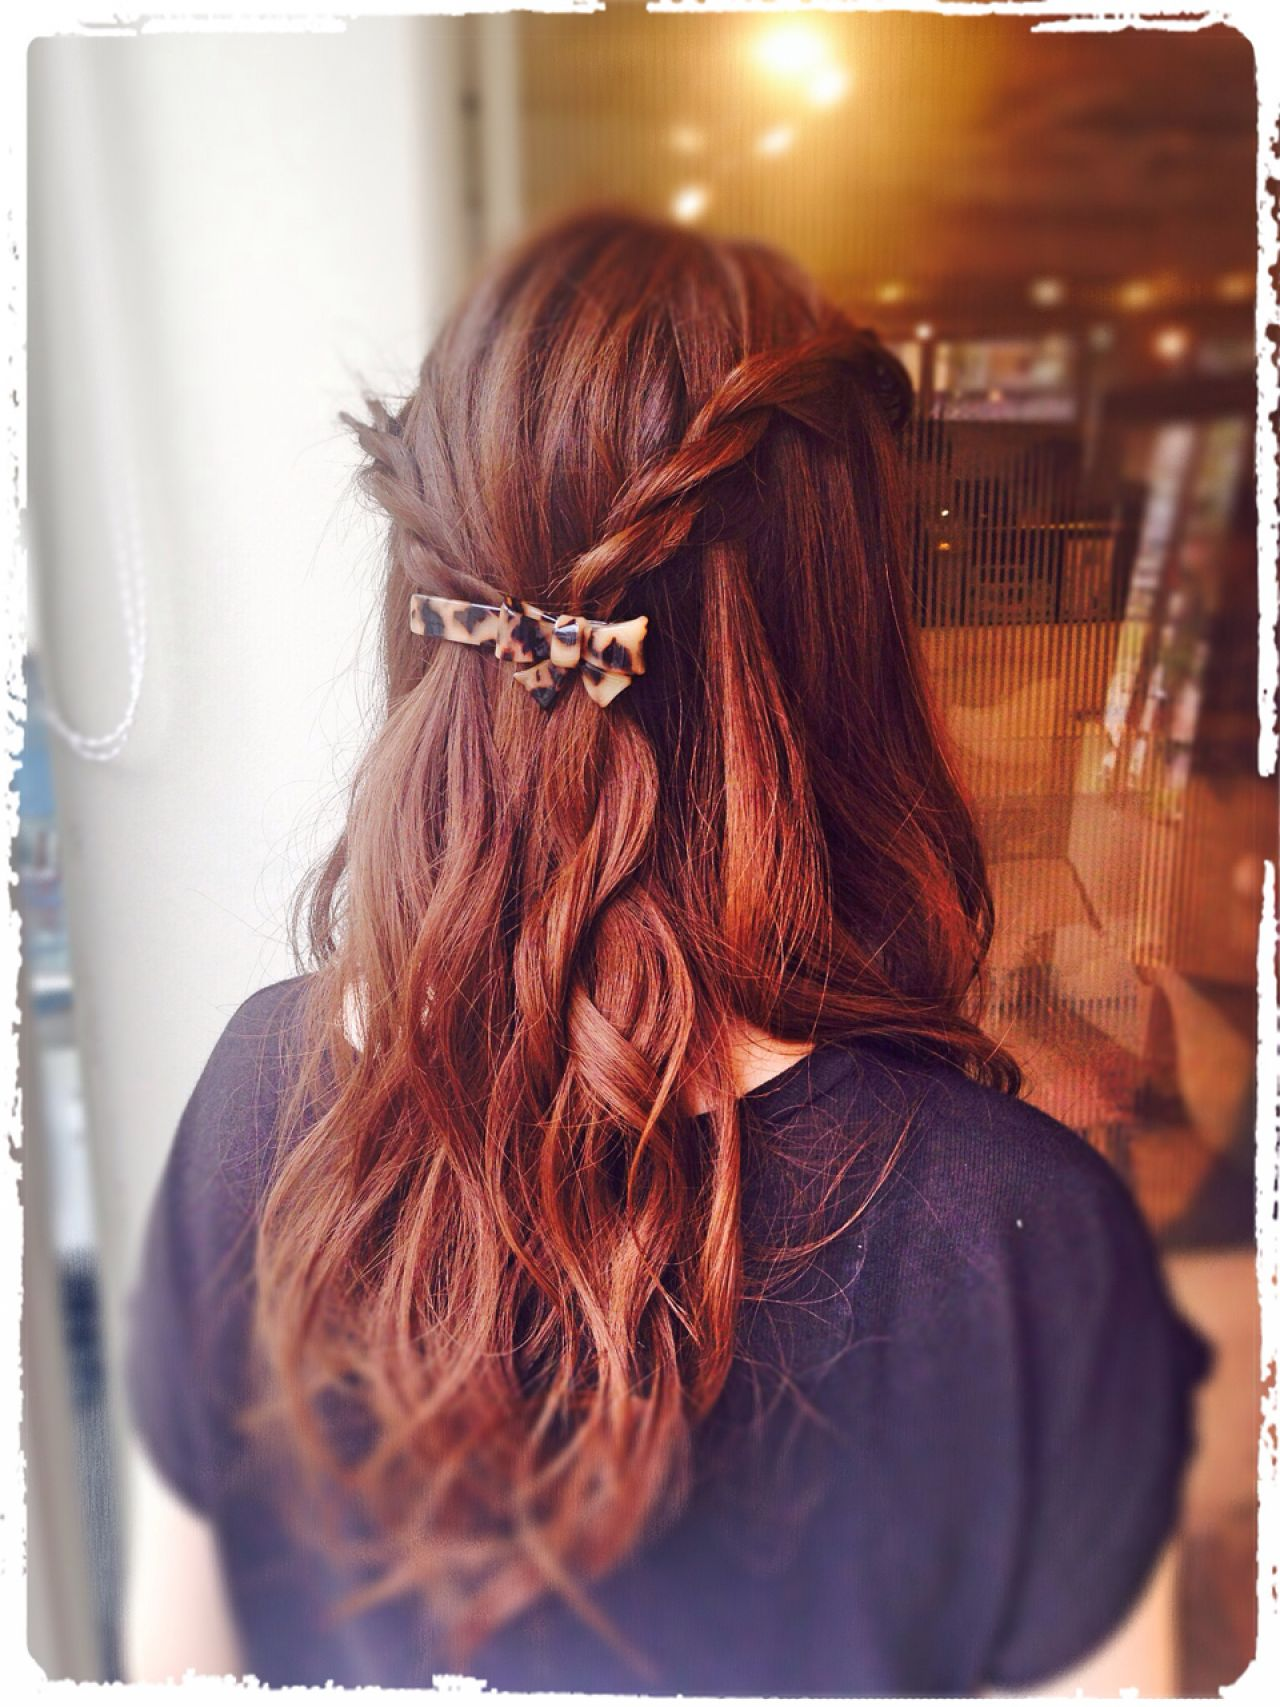 ヘアアレンジ ナチュラル ロング モテ髪 ヘアスタイルや髪型の写真・画像